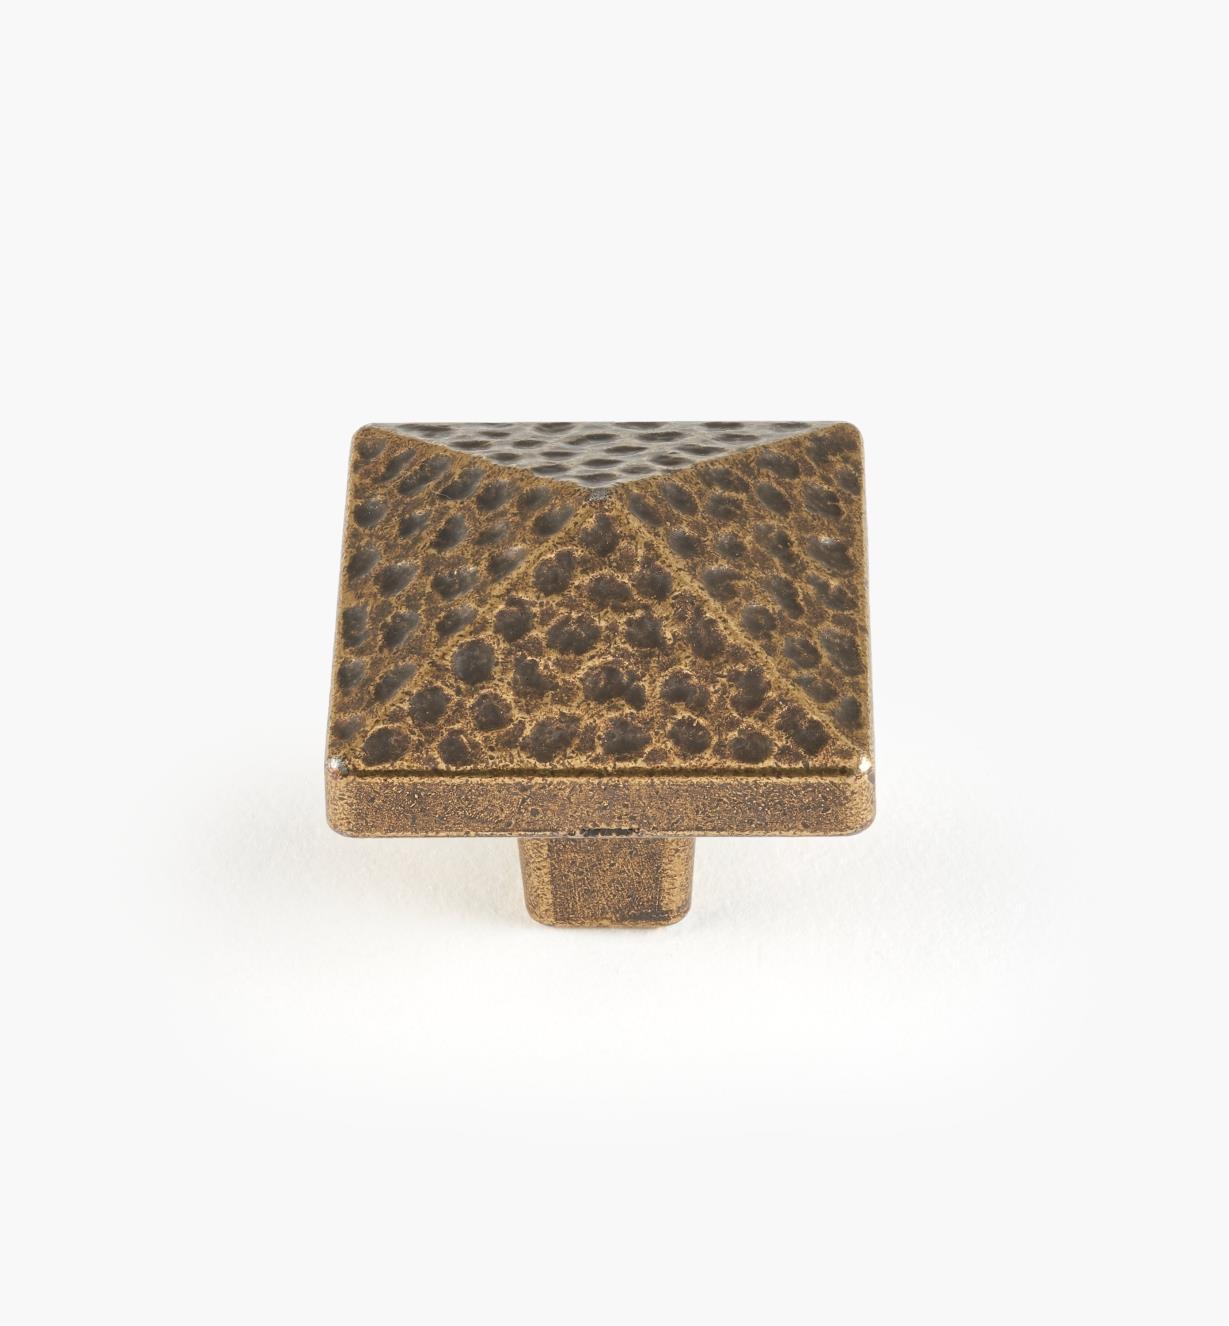 01G6030 - Bouton carré de 1 3/16 po, série Forgeron, laiton antique